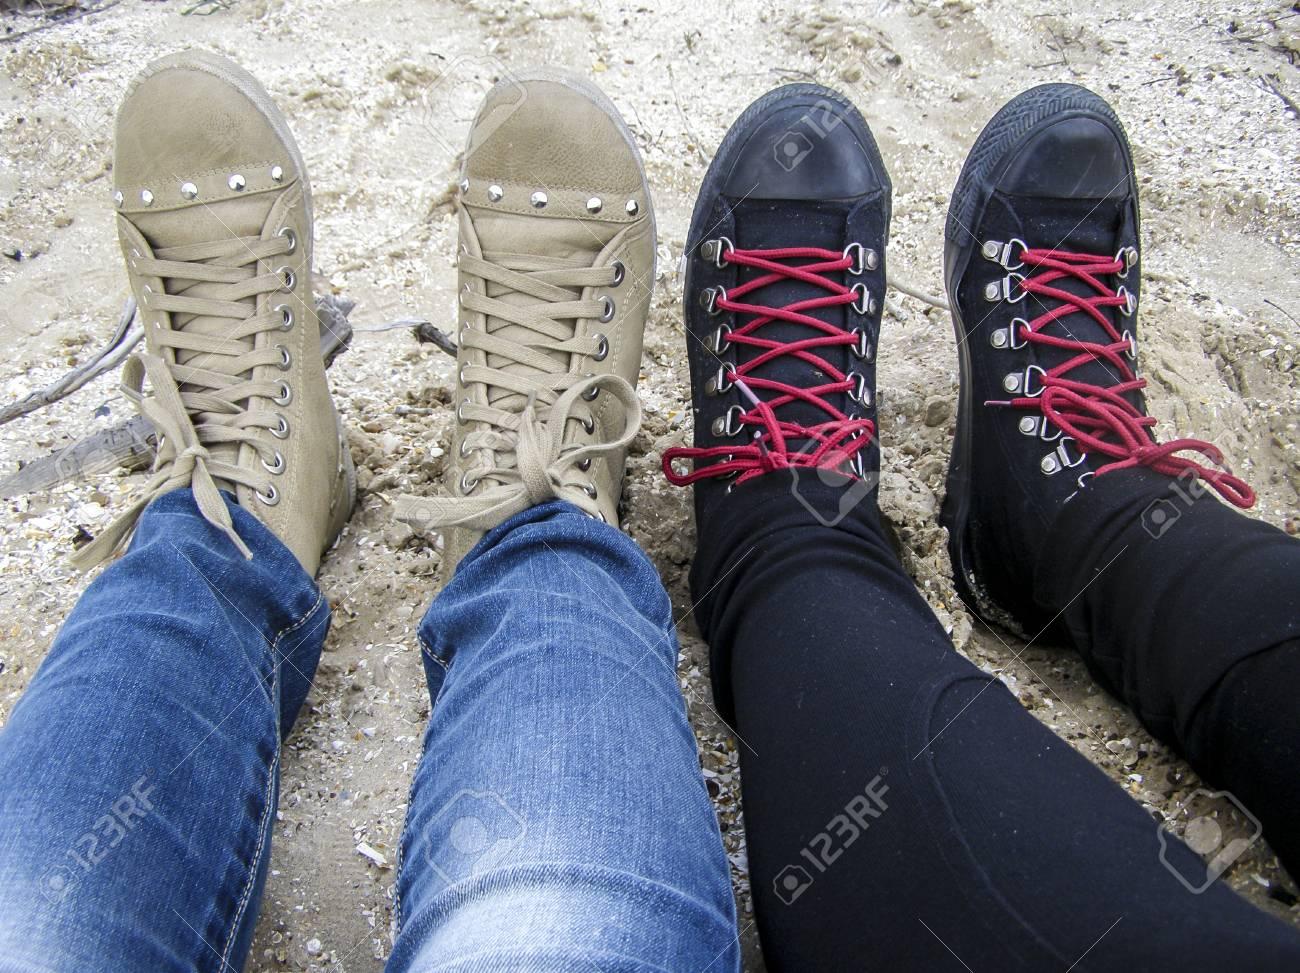 Female Legs Girlfriends On The Beach In